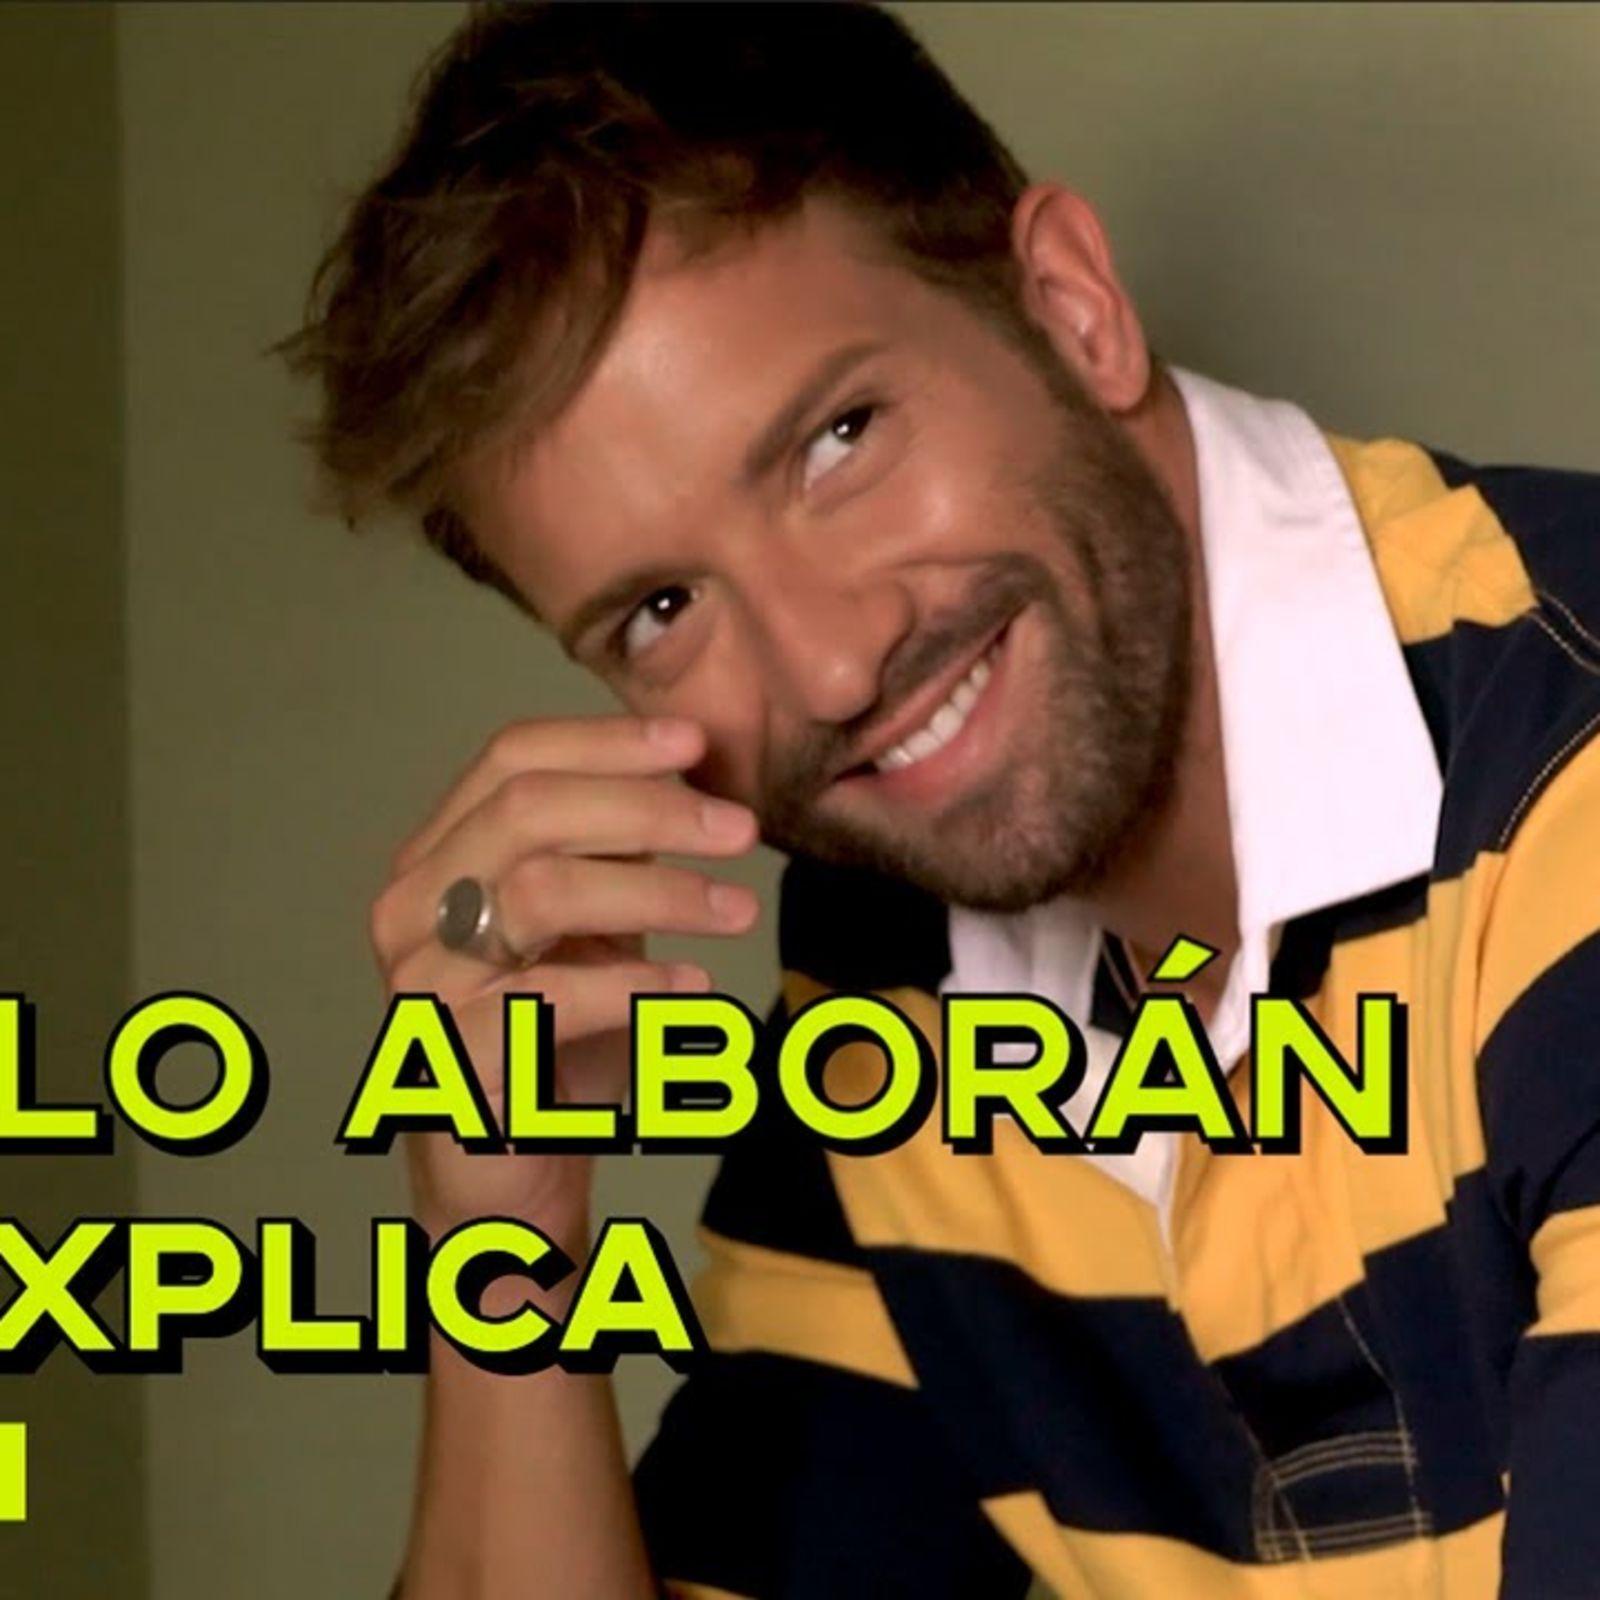 Pablo Alborán te explica el éxito | Un hombre GQ te explica...